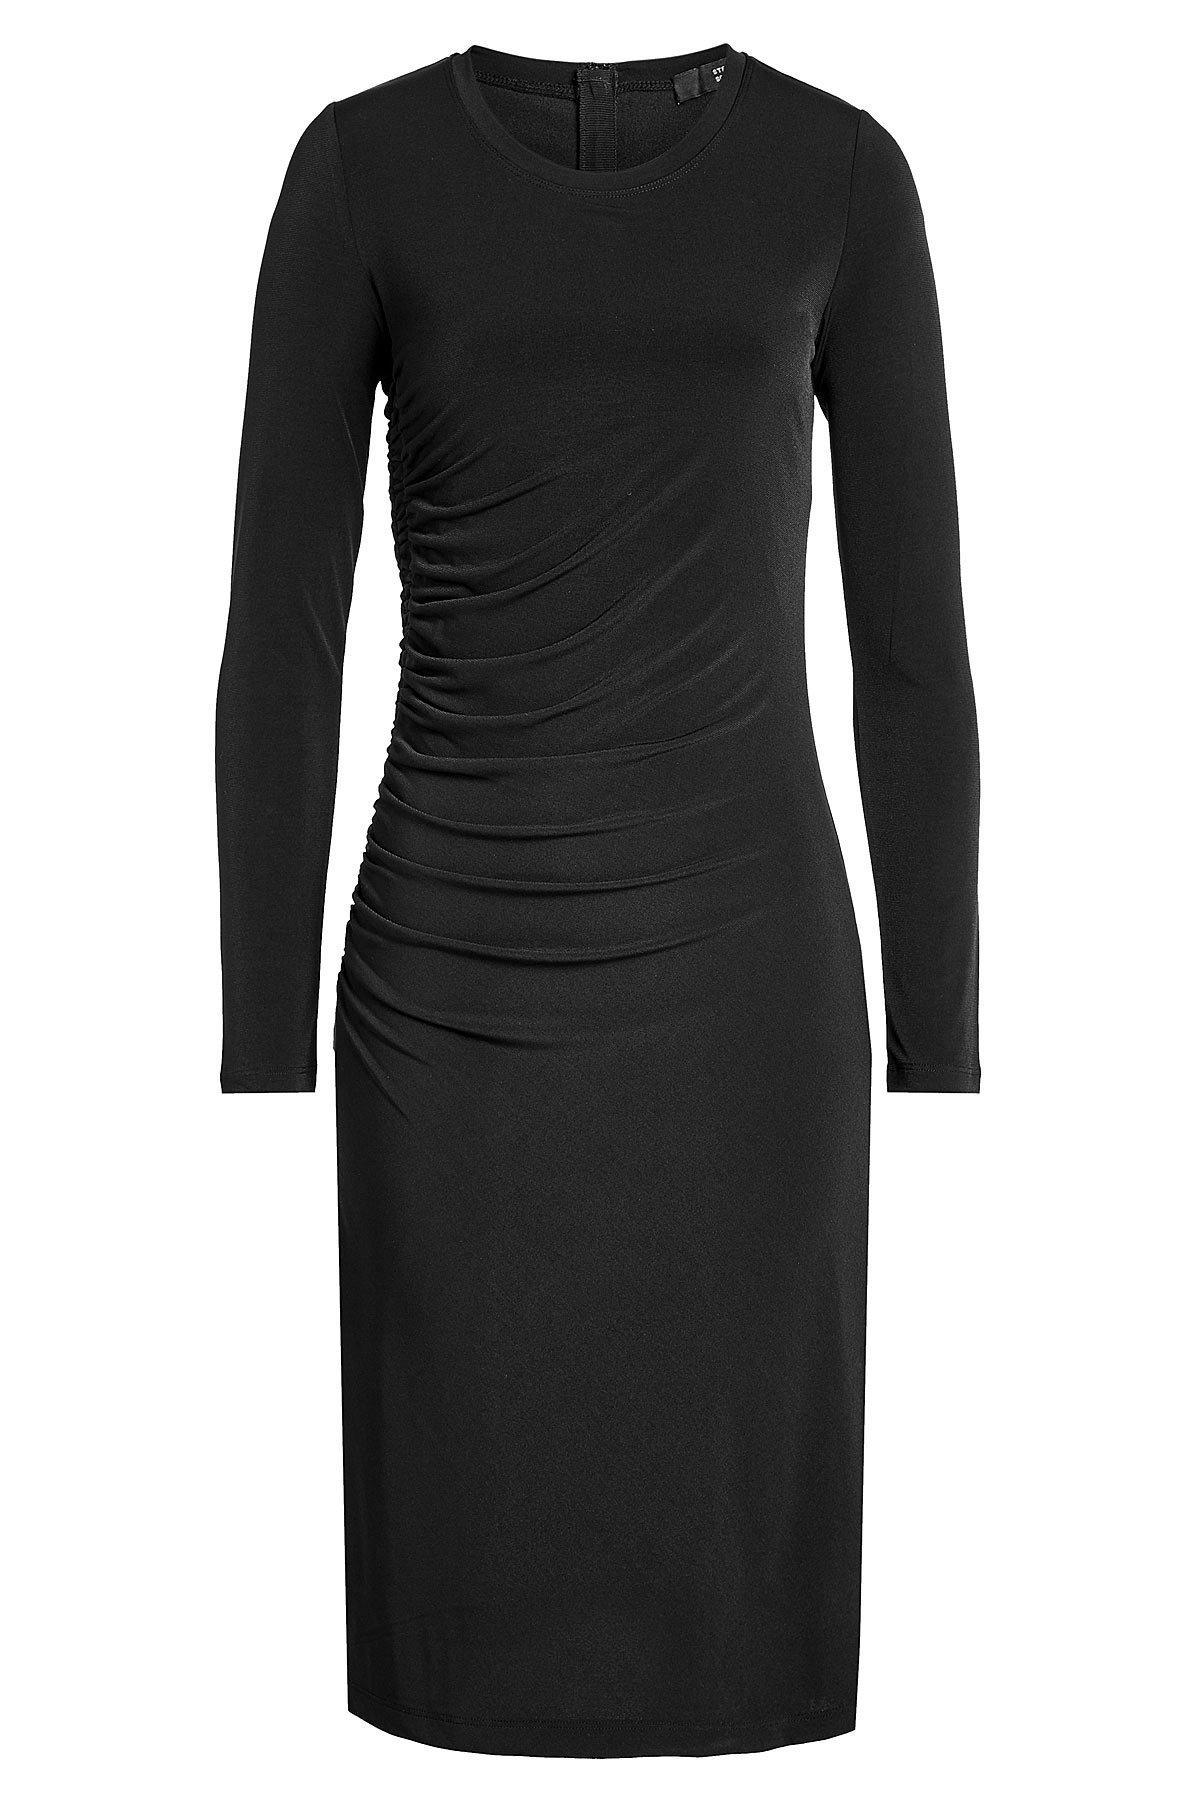 Steffen Schraut Draped Jersey Dress In Black